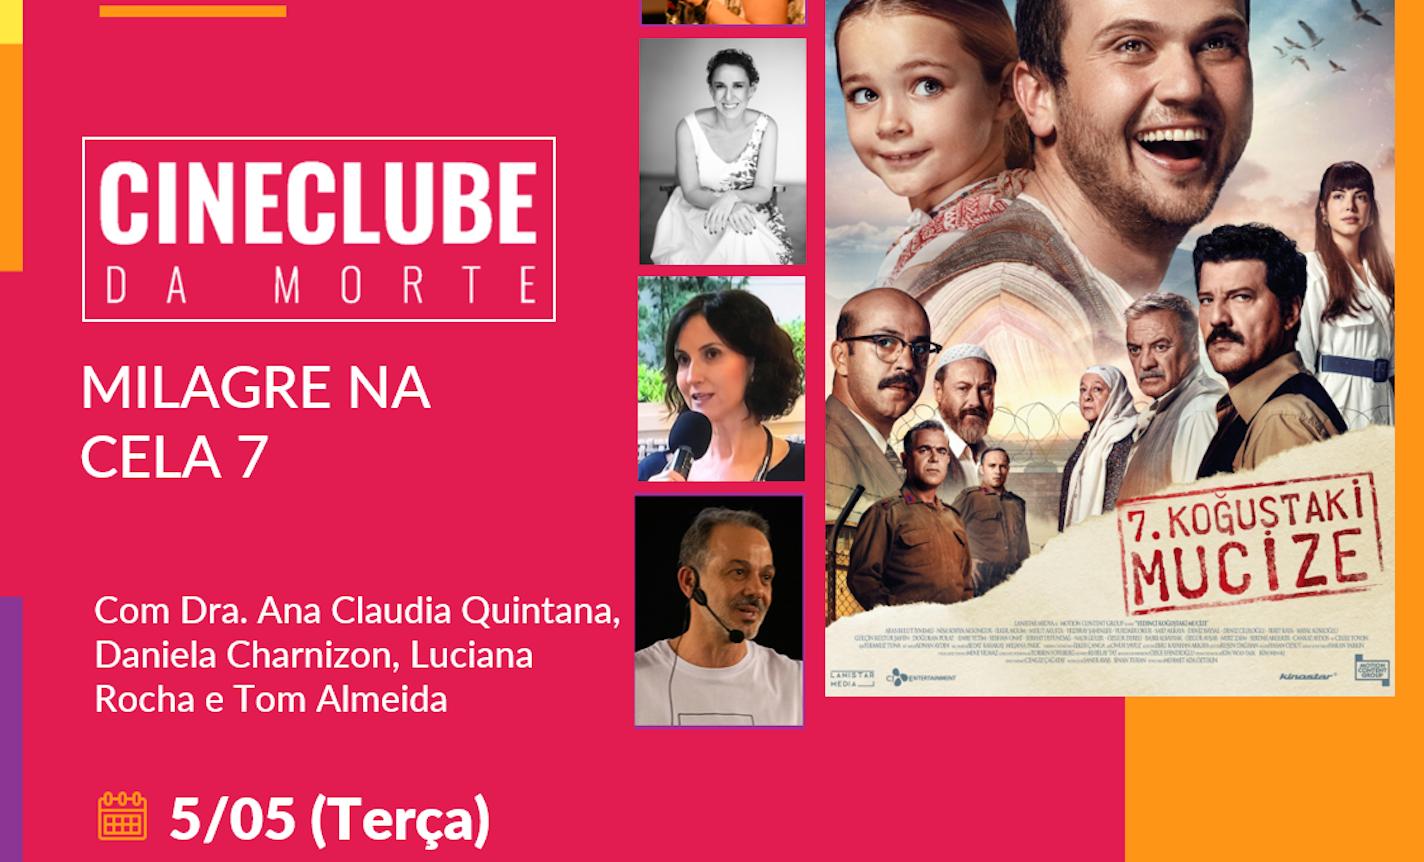 Sarau inFINITO | Cineclube da Morte- content in portuguese